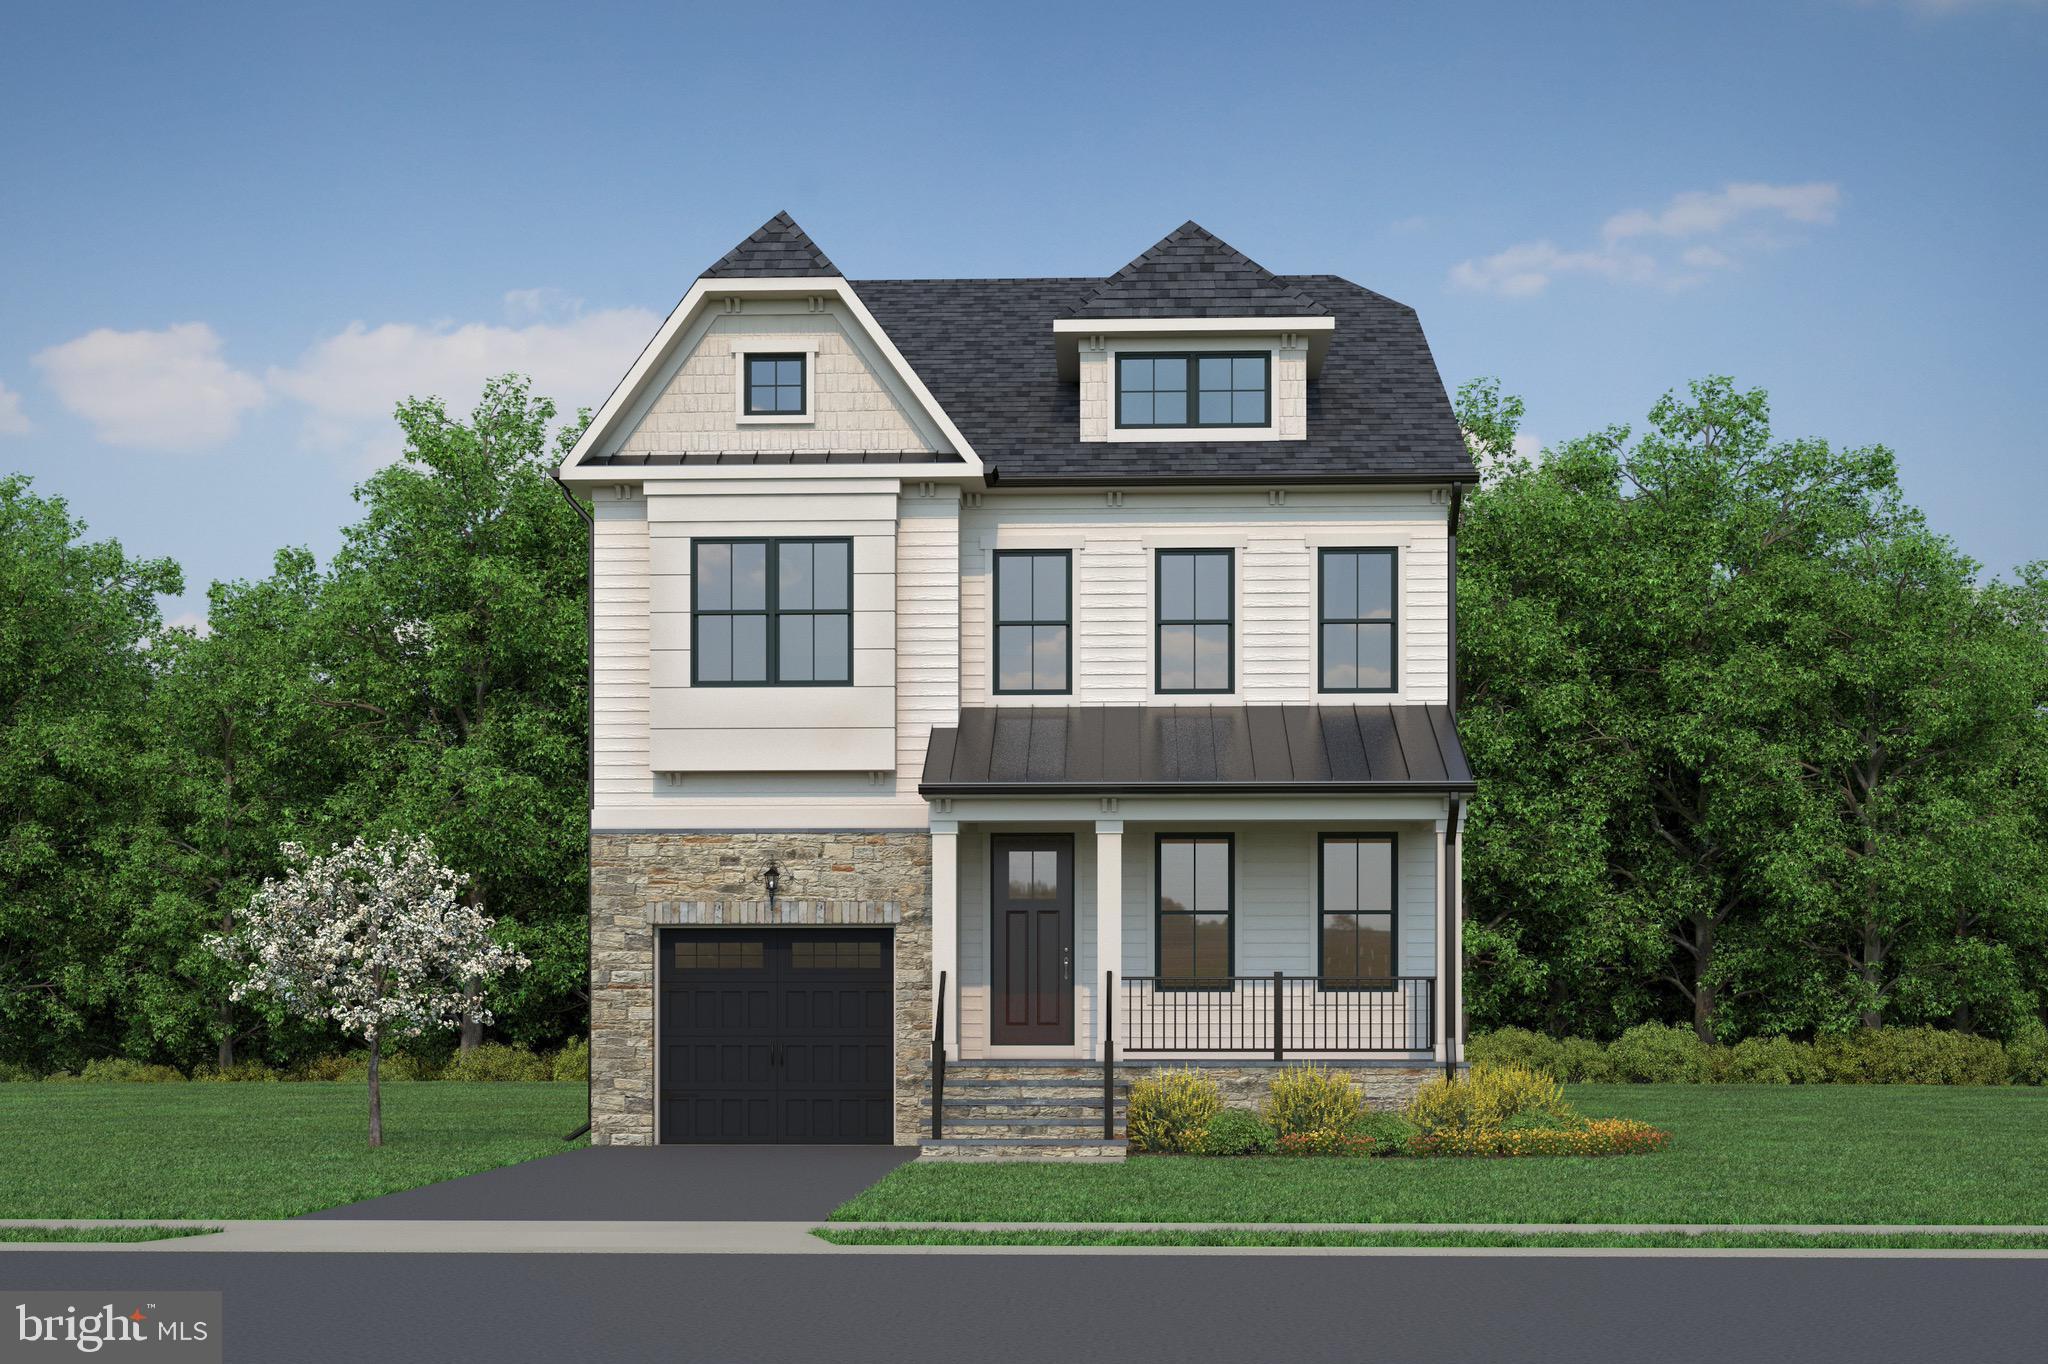 854 N Abingdon St, Arlington, VA, 22203